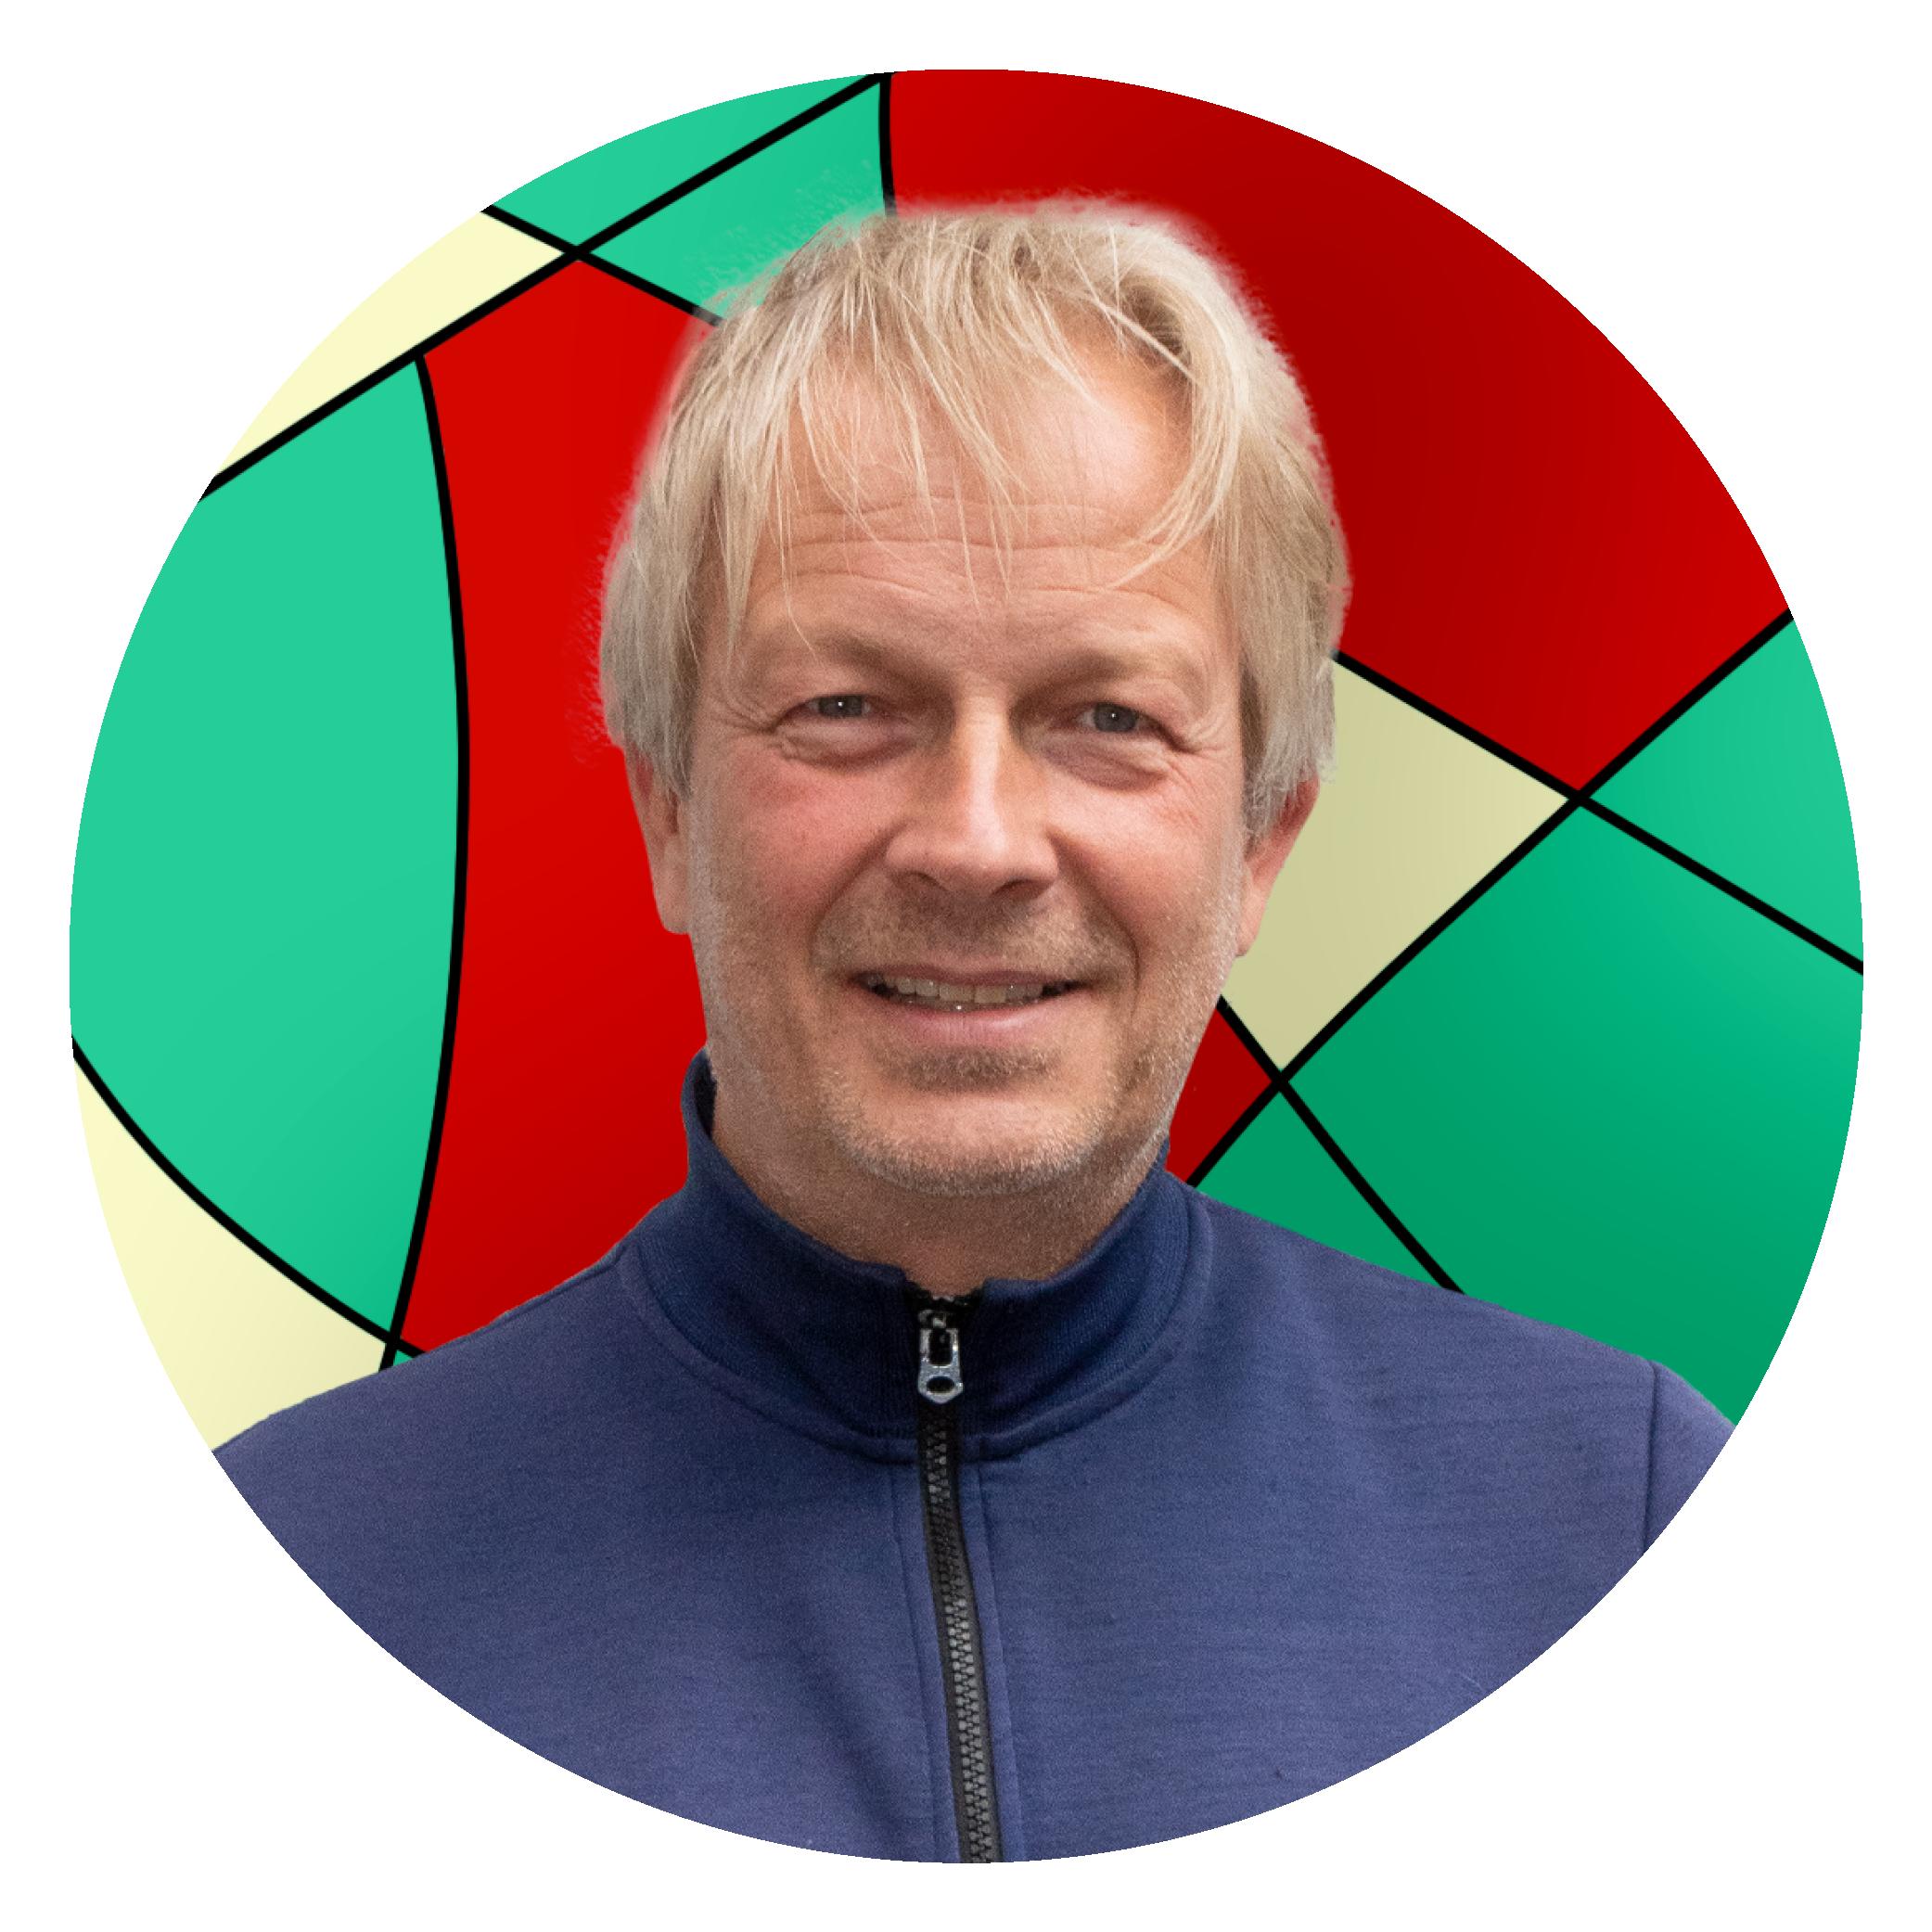 Erwin Reijers